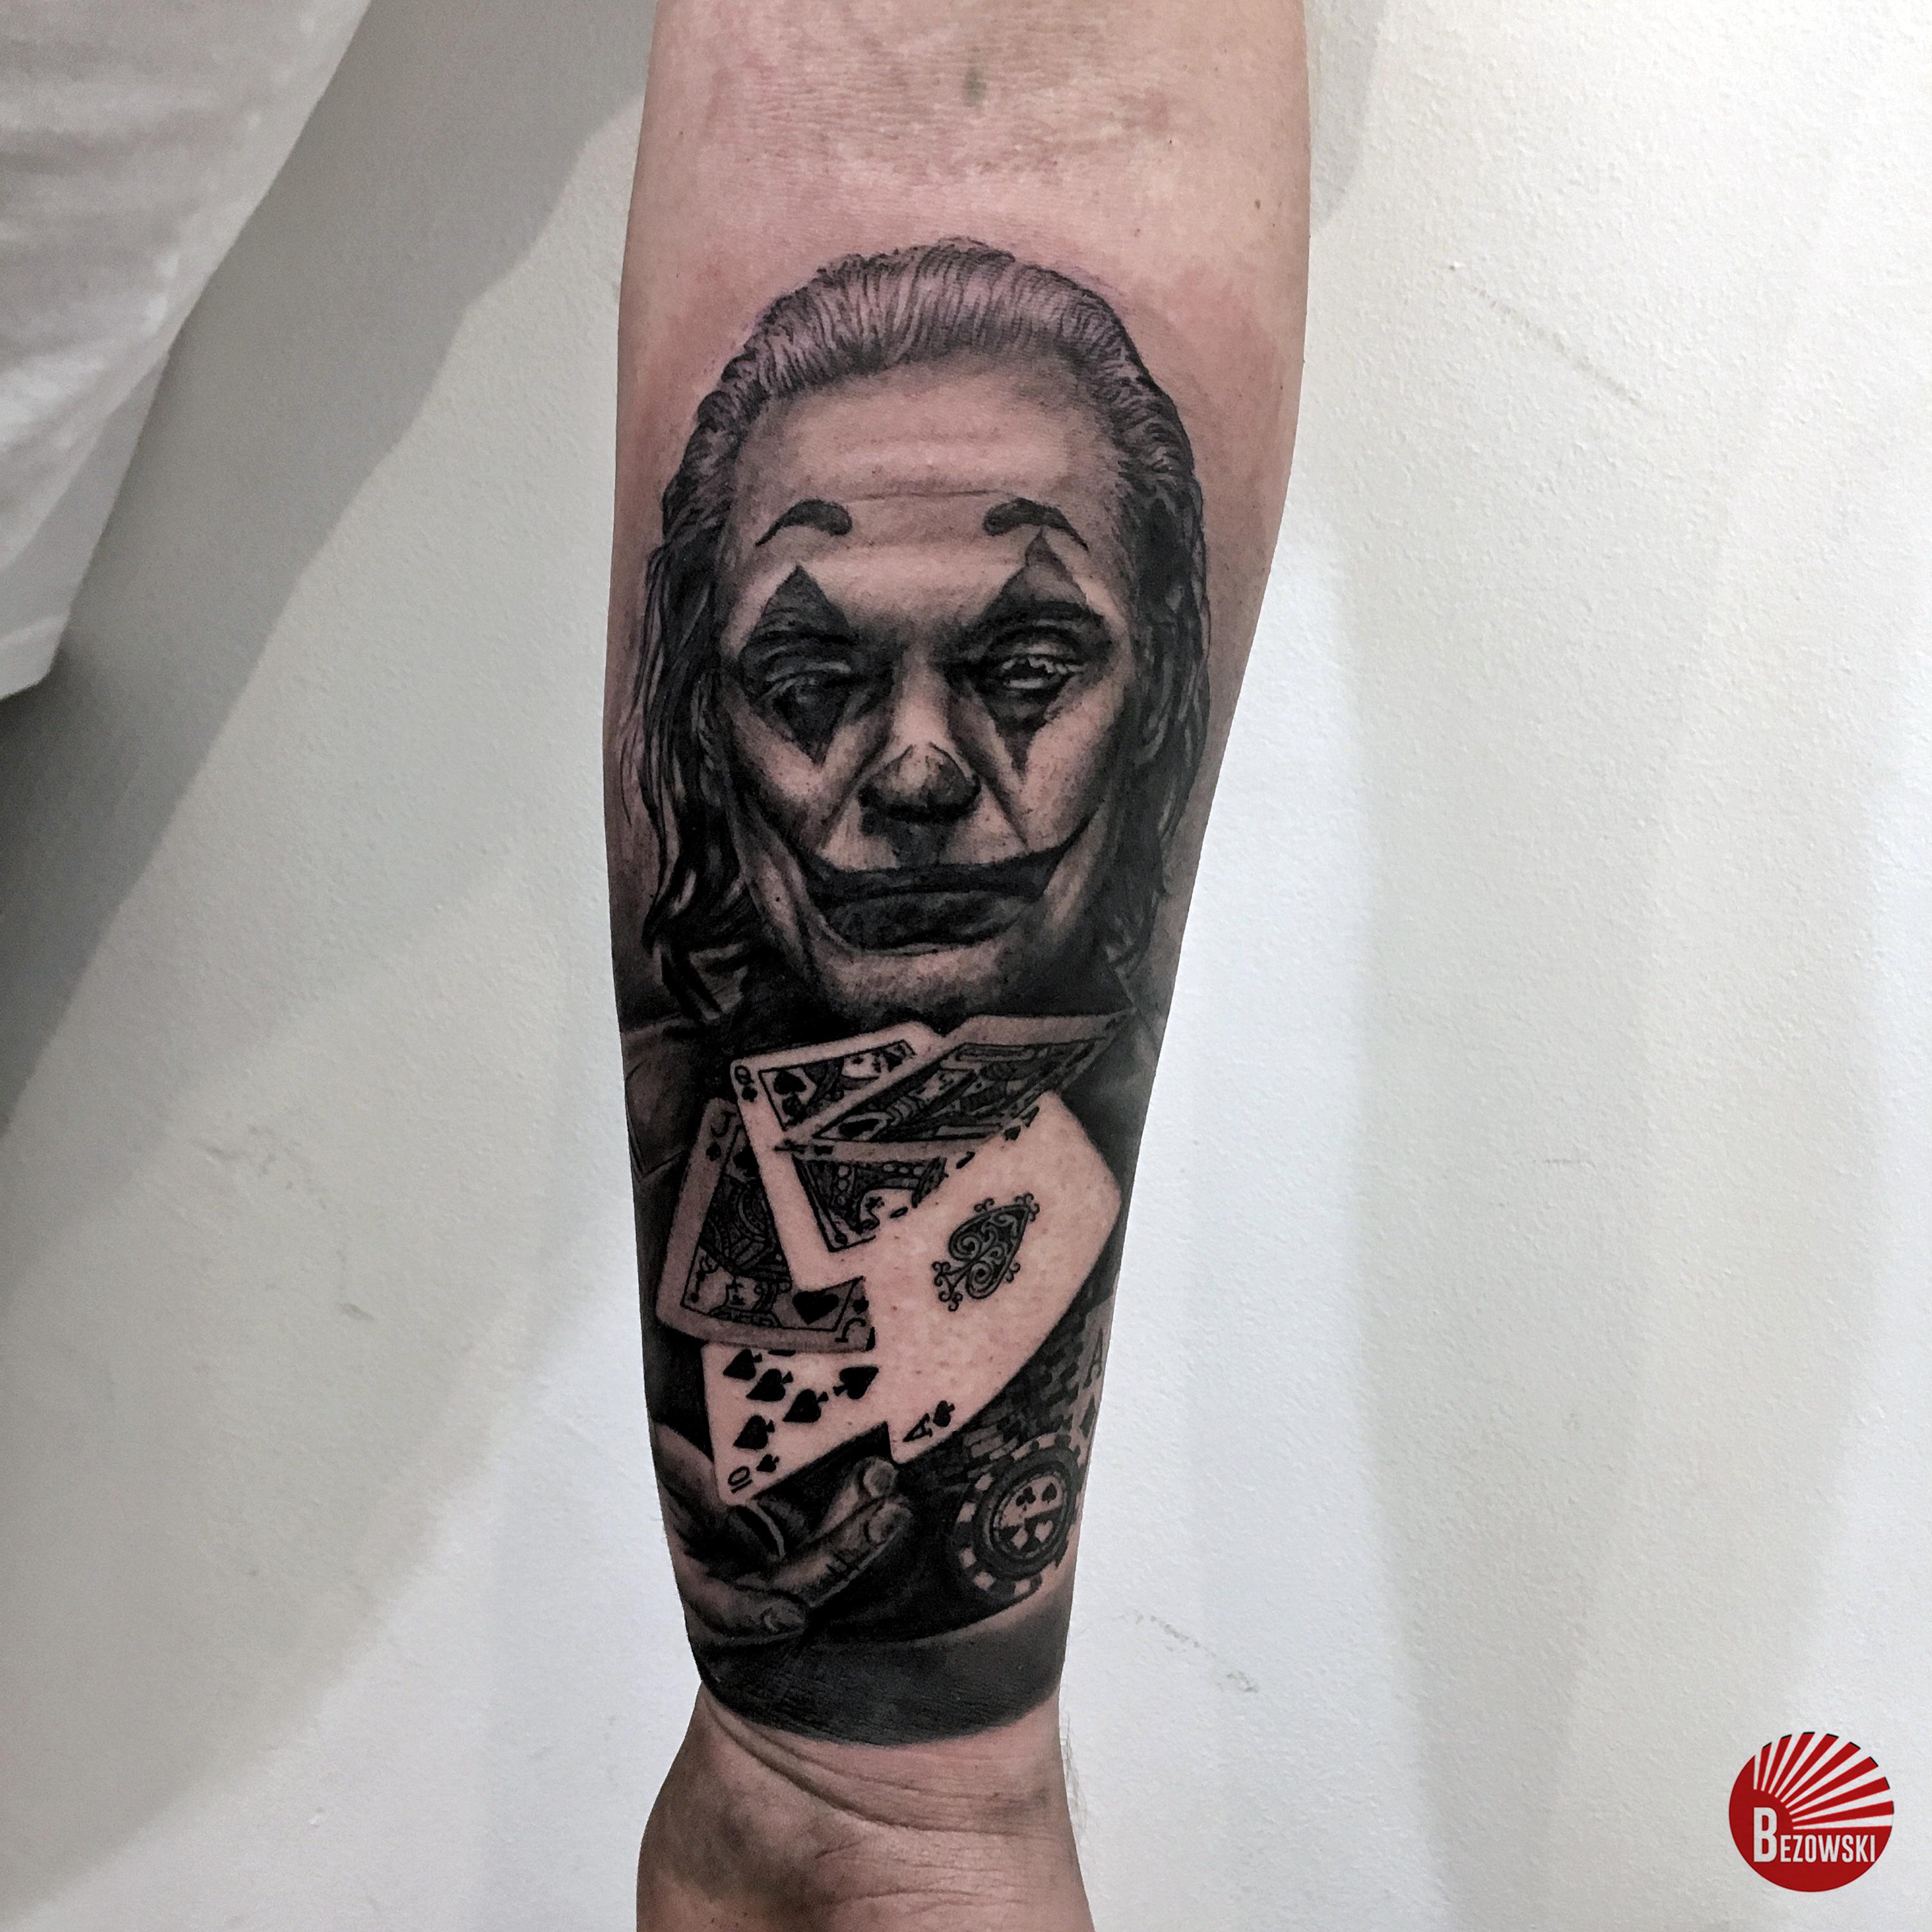 Inksearch tattoo Bezowski